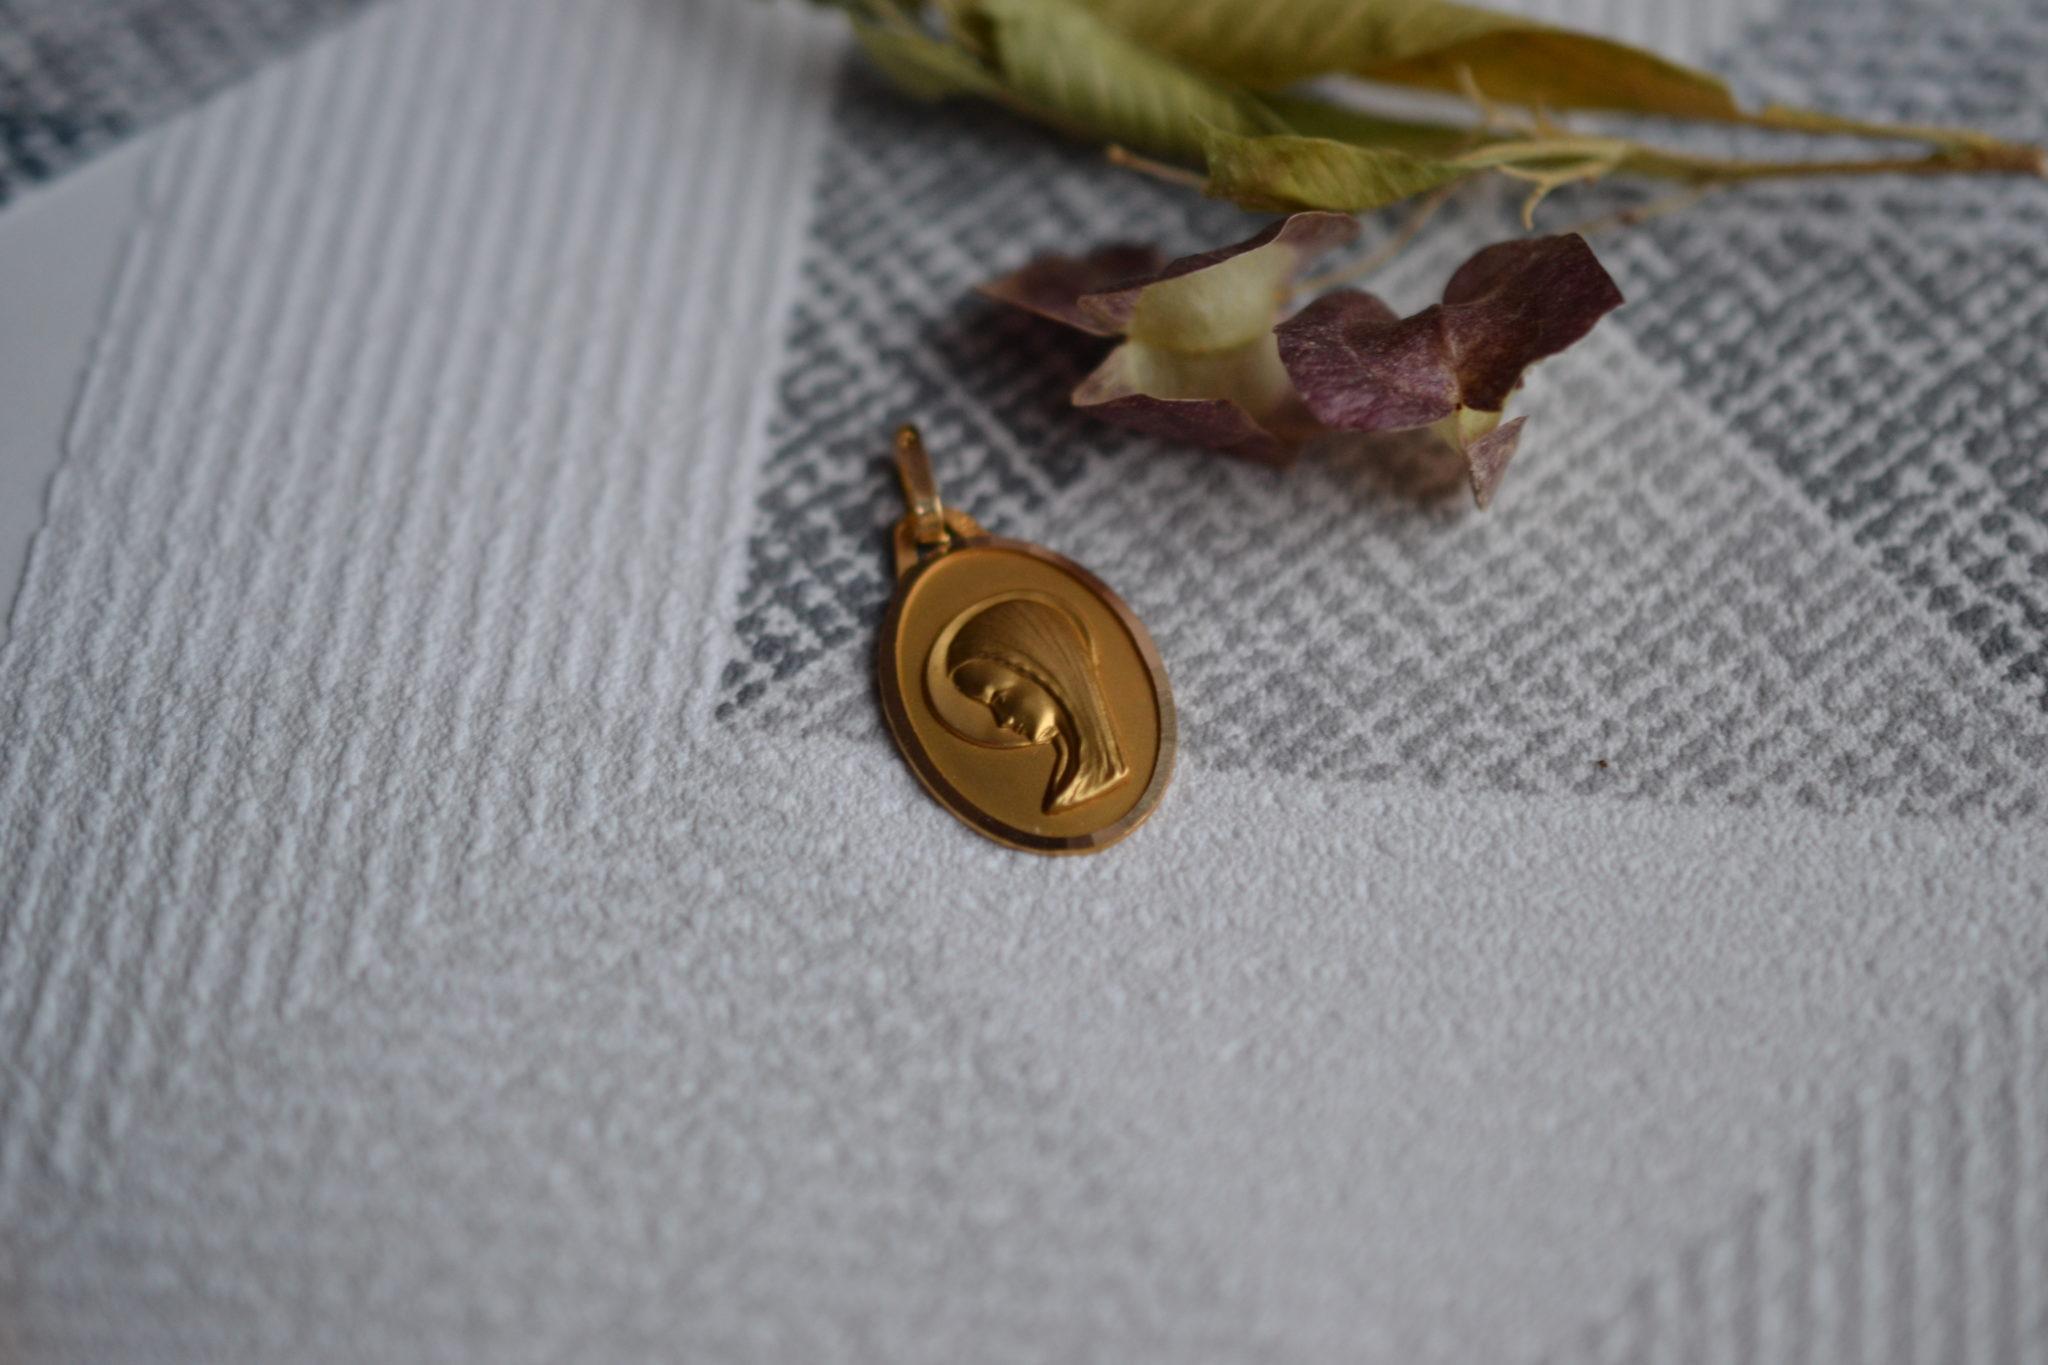 Médaille Ovale En Or Jaune Représentant La Vierge Marie De Profil - Bijou Ancien